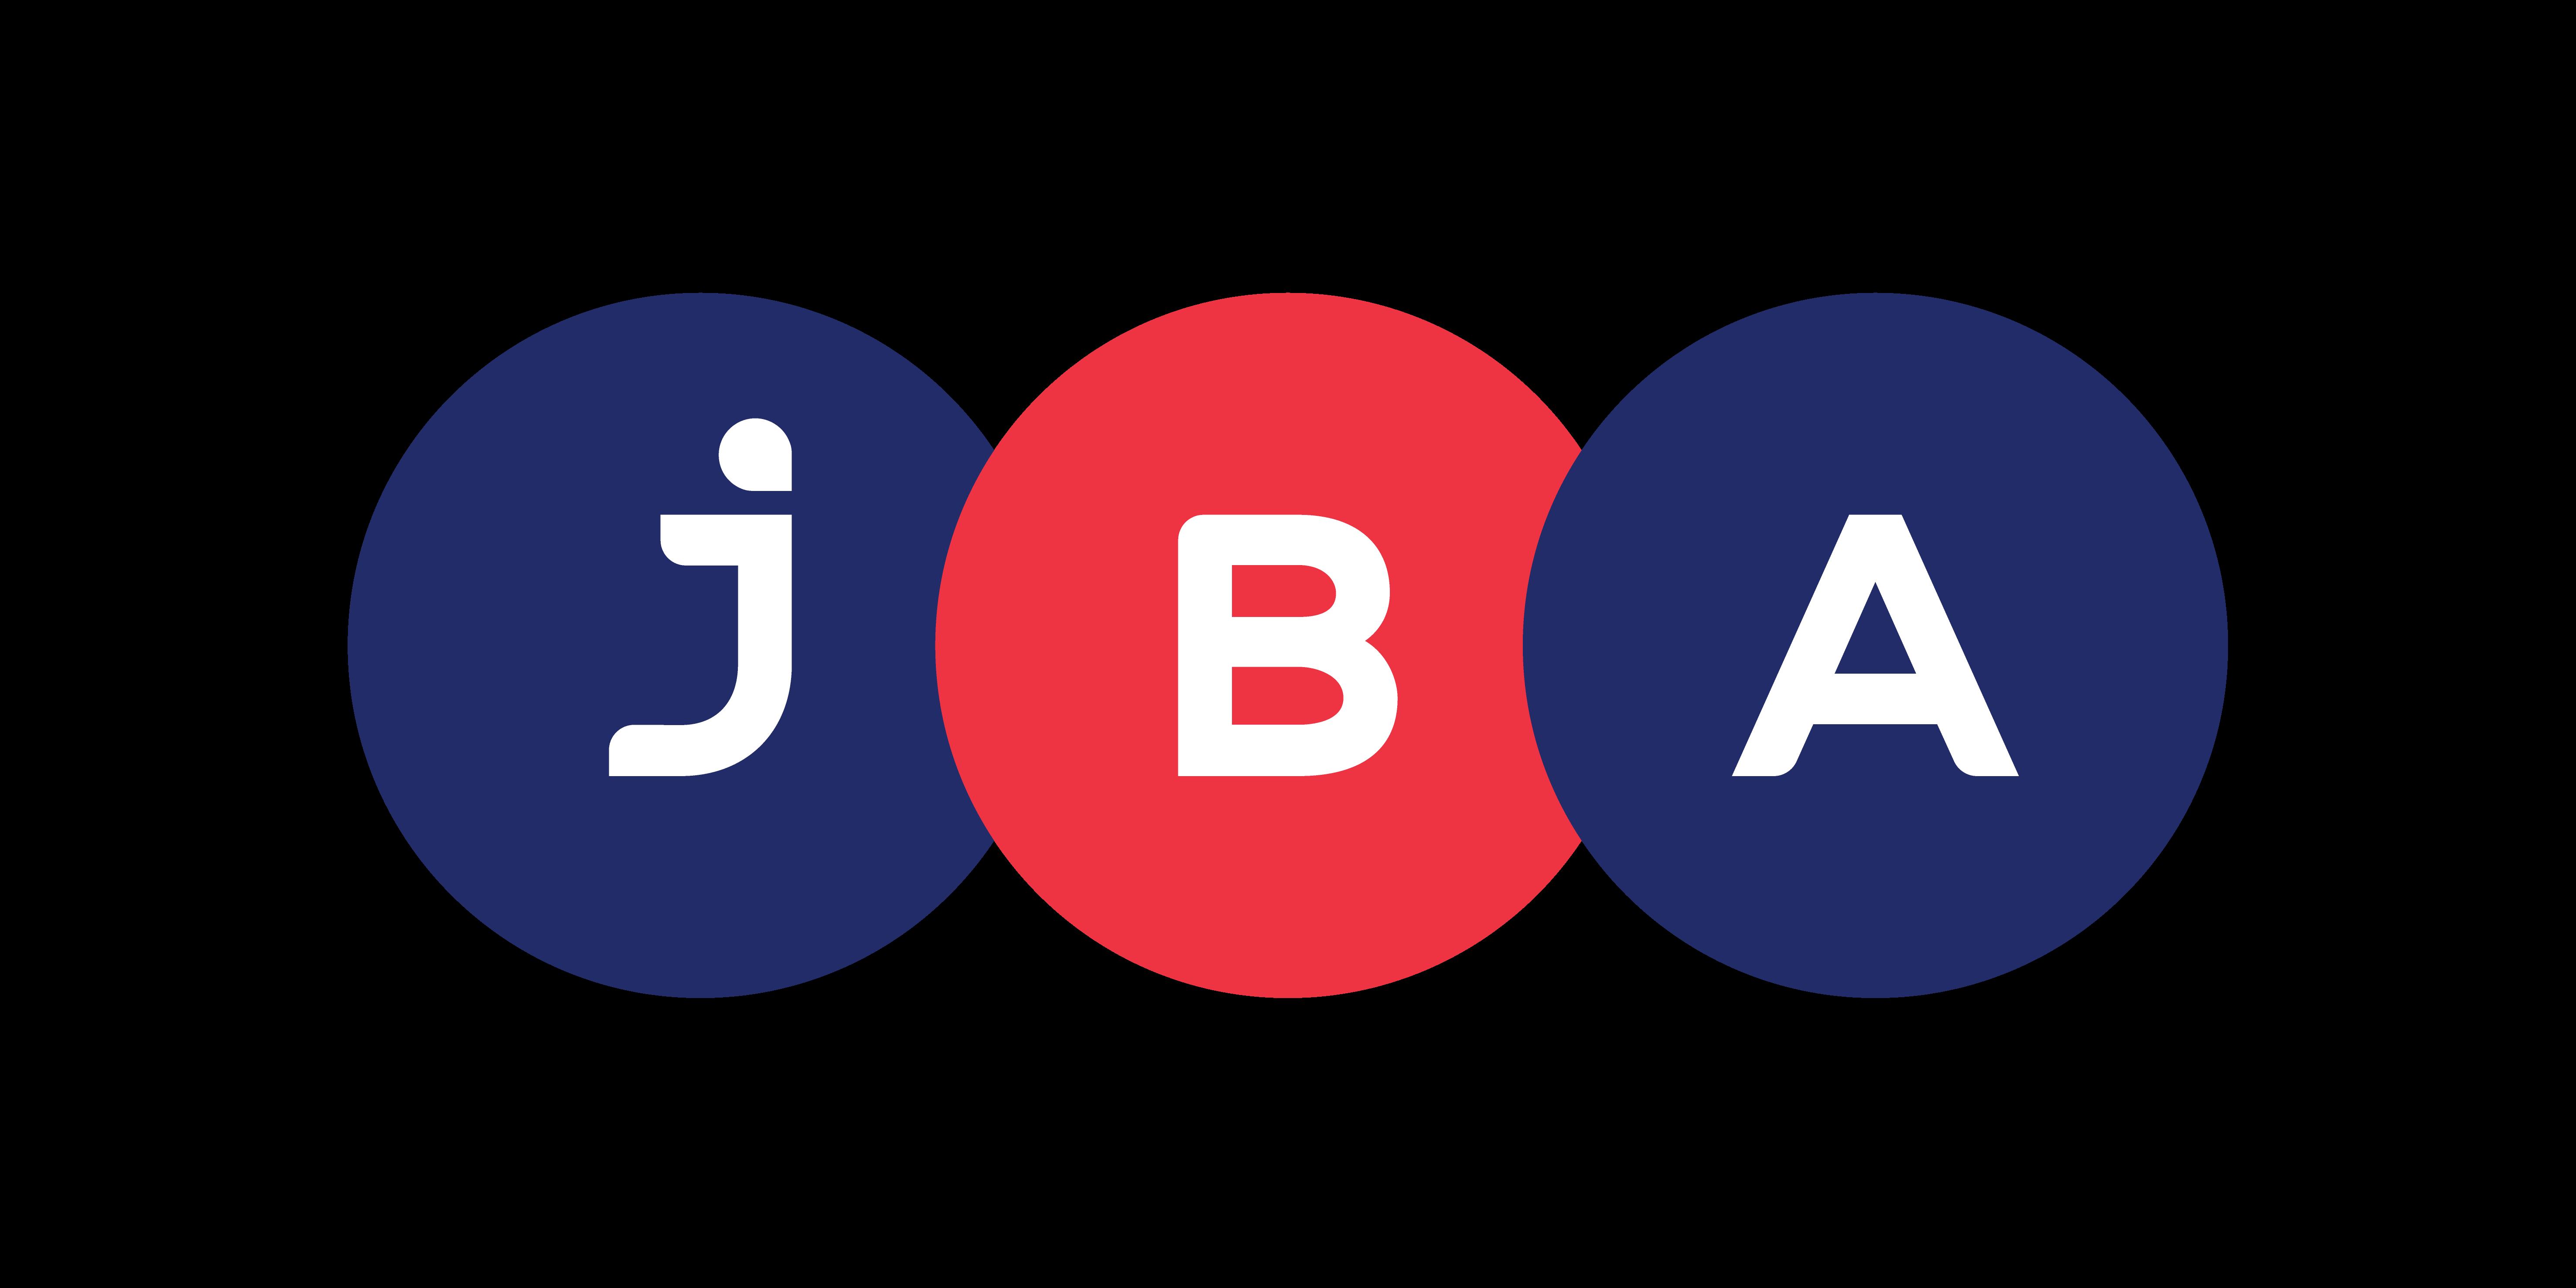 JBA_Logo_Pantone-01.png (124 KB)